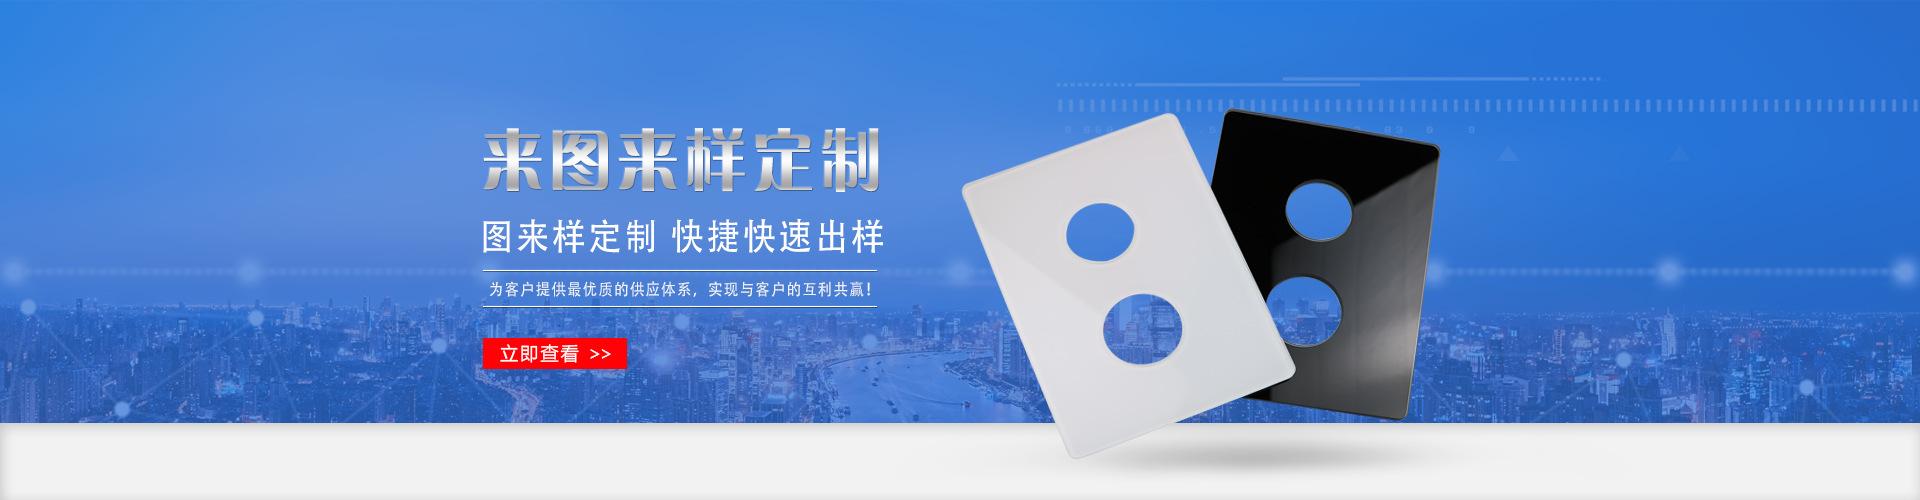 东莞市石排海宇龙8娱乐首页制品厂企业形象图片